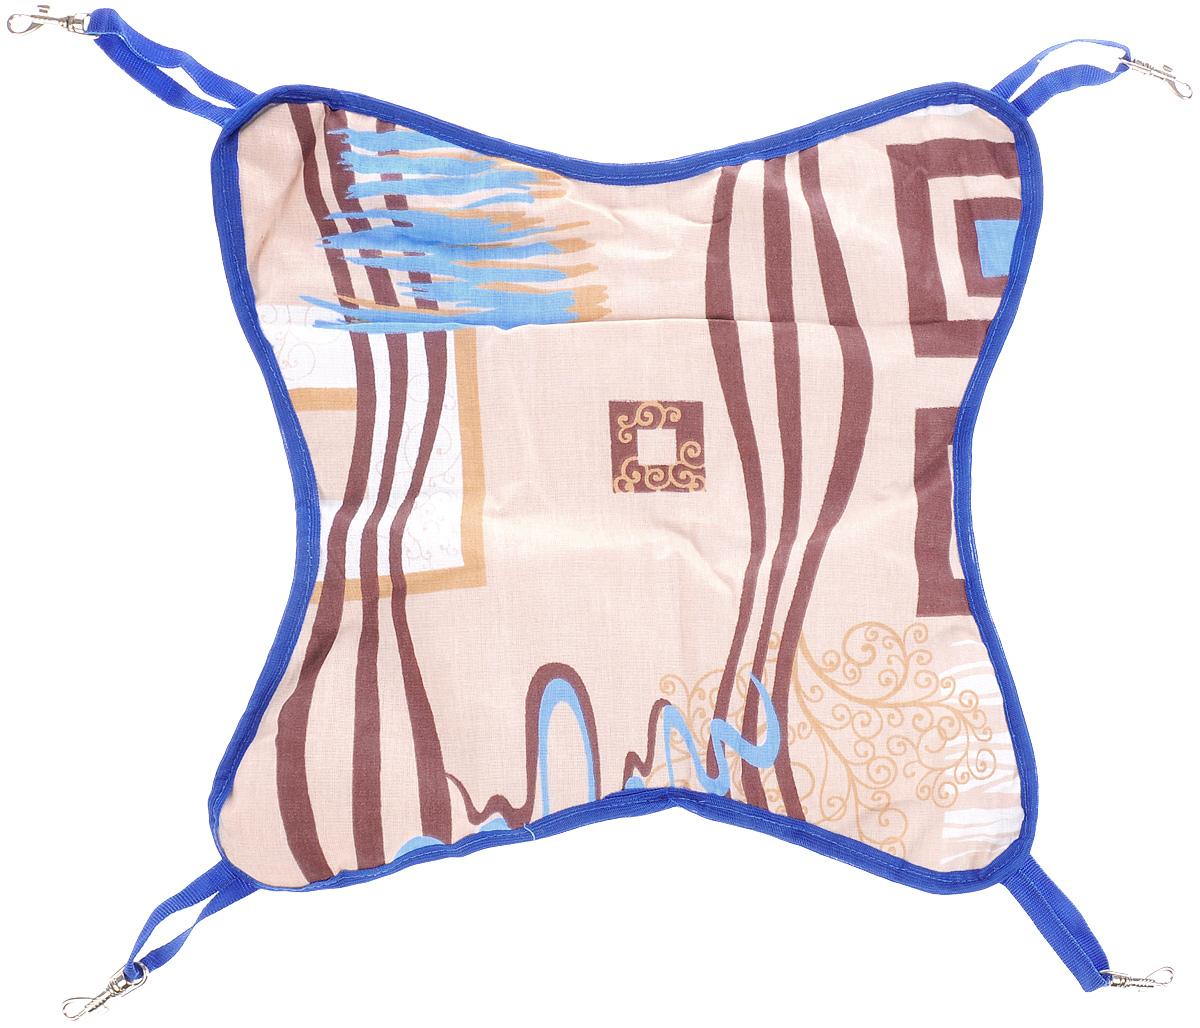 Гамак для шиншилл и хорьков ЗооМарк, подвесной, цвет: бежевый, коричневый, синий. Д-11Д-11_бежевый, коричневый, синийГамак ЗооМарк станет лучшим подарком для вашего любимца. Гамак выполнен из высококачественных материалов и оснащен 4 специальными креплениями на карабинах. Мягкий подвесной гамак ЗооМарк надолго привлечет внимание животного и обеспечит интересным времяпровождением. Размеры изделия: 40 х 40 см. Длина крепления (без учета карабина): 9 см.